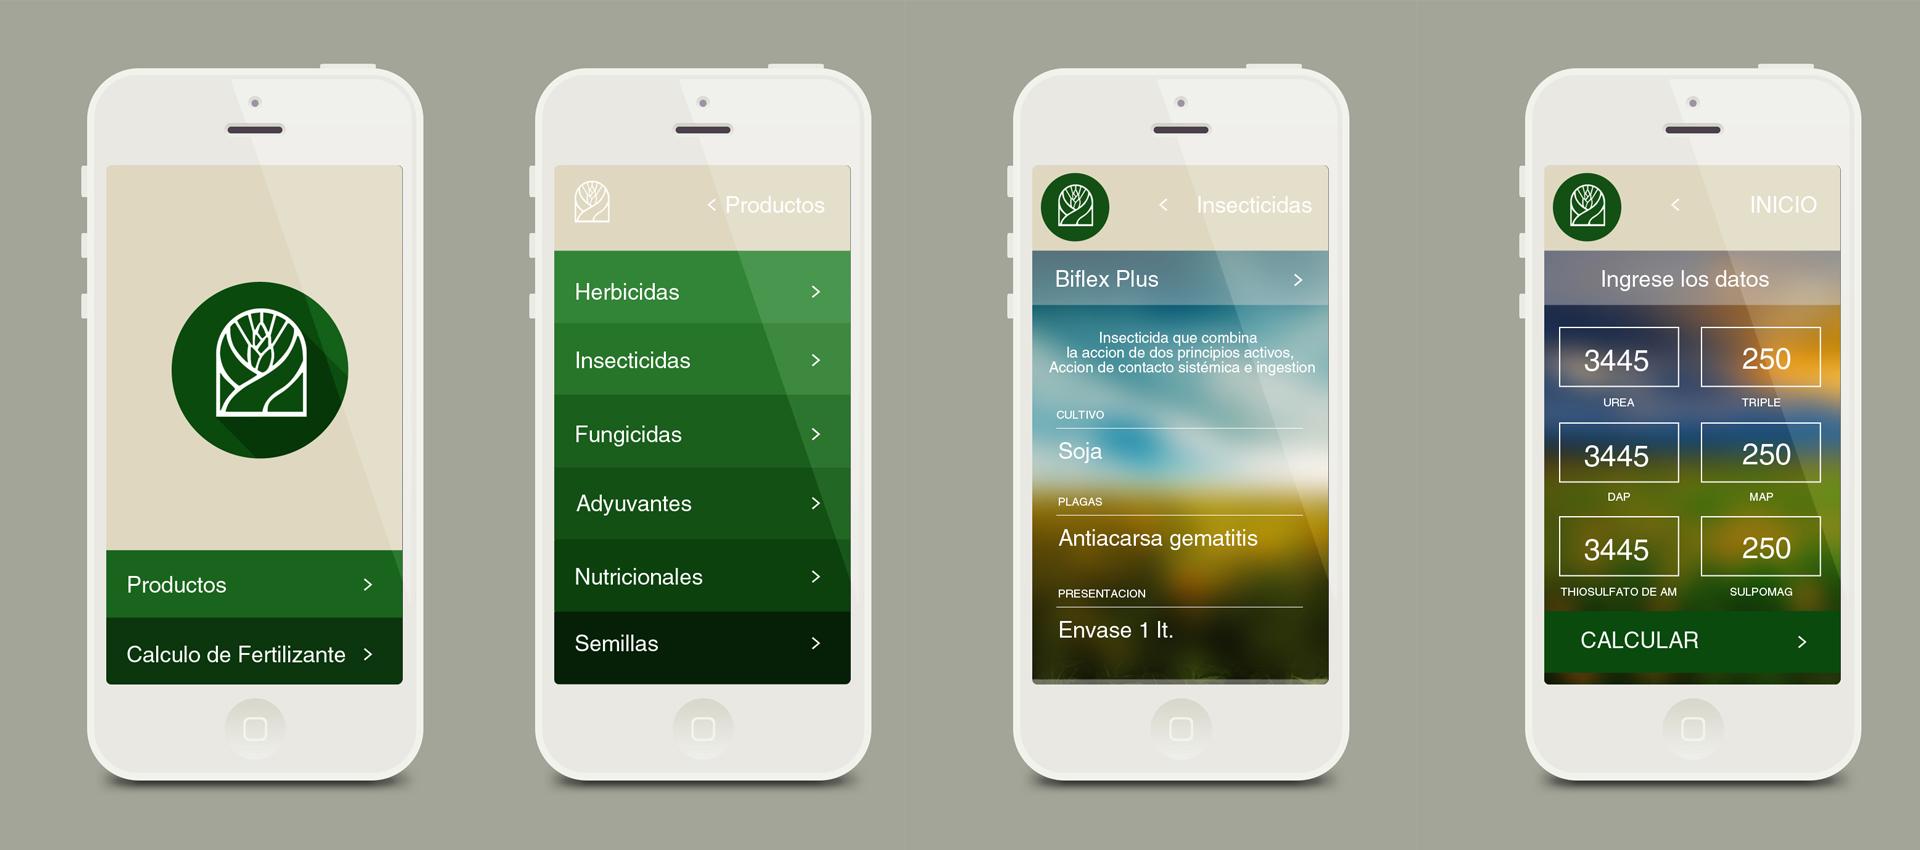 ASP-app-02